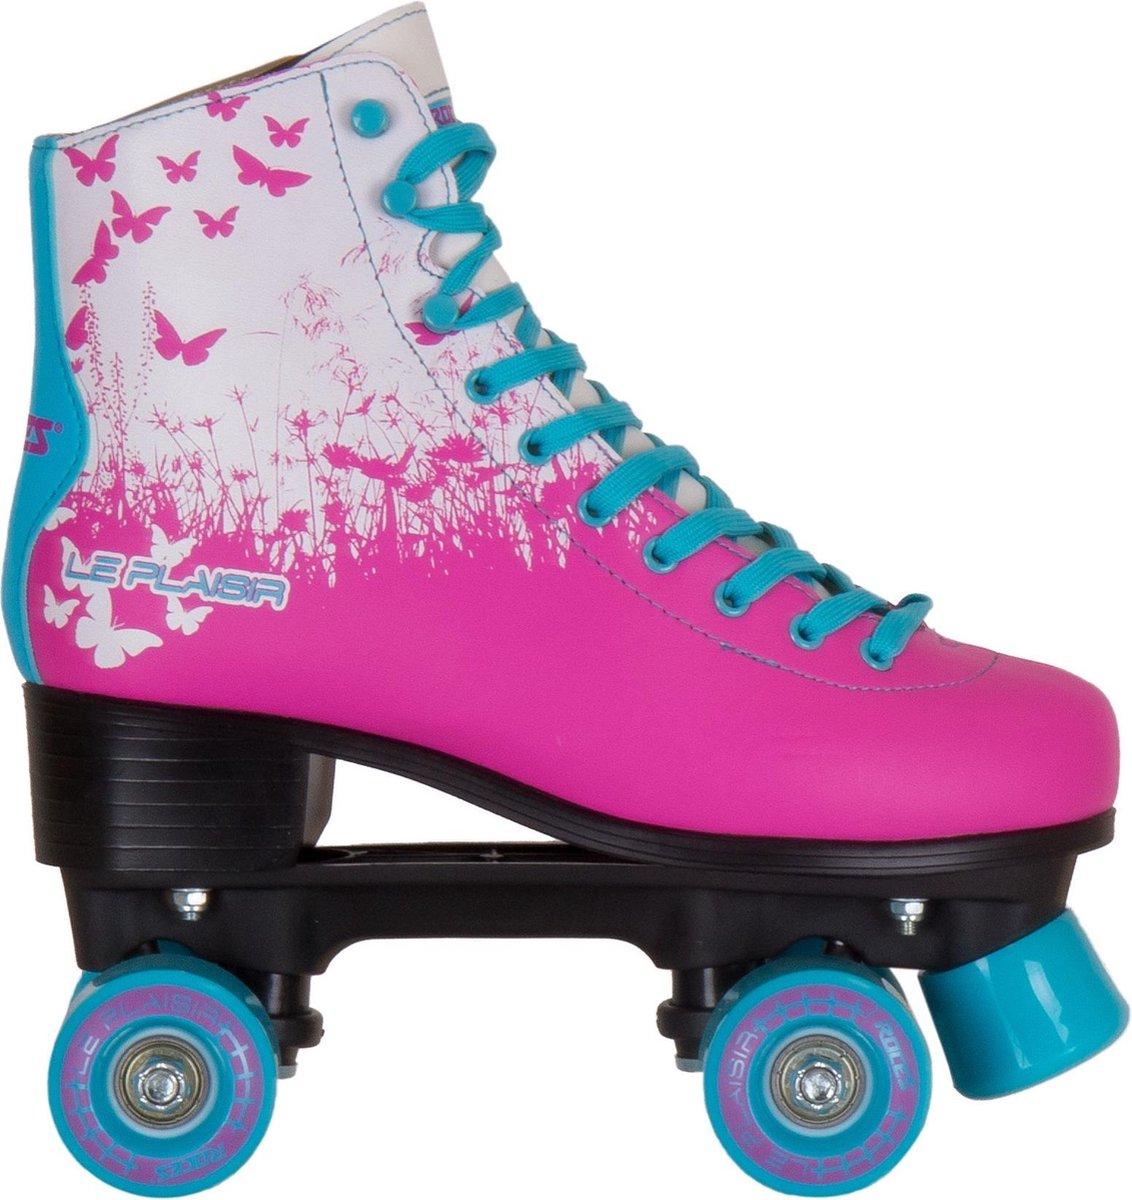 Roces Rolschaatsen - Maat 36Volwassenen - roze - blauw - wit